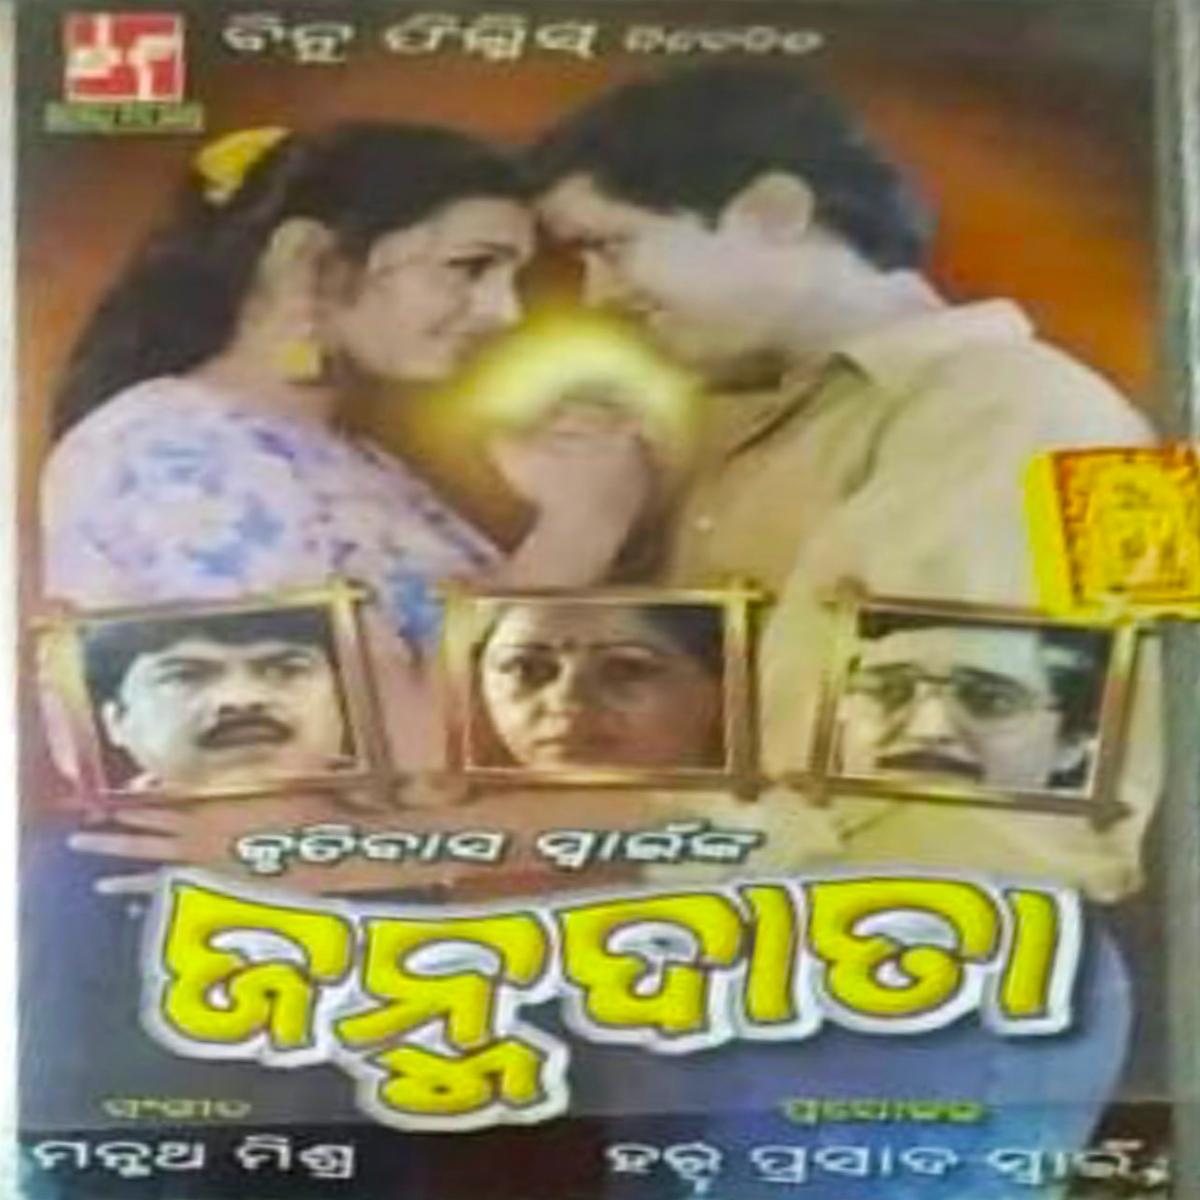 Janama Data Ra Aeita Kahani Bandhu Jaa Sathi Jaa Ata Kapala Lekha (Manmatha Mishra)